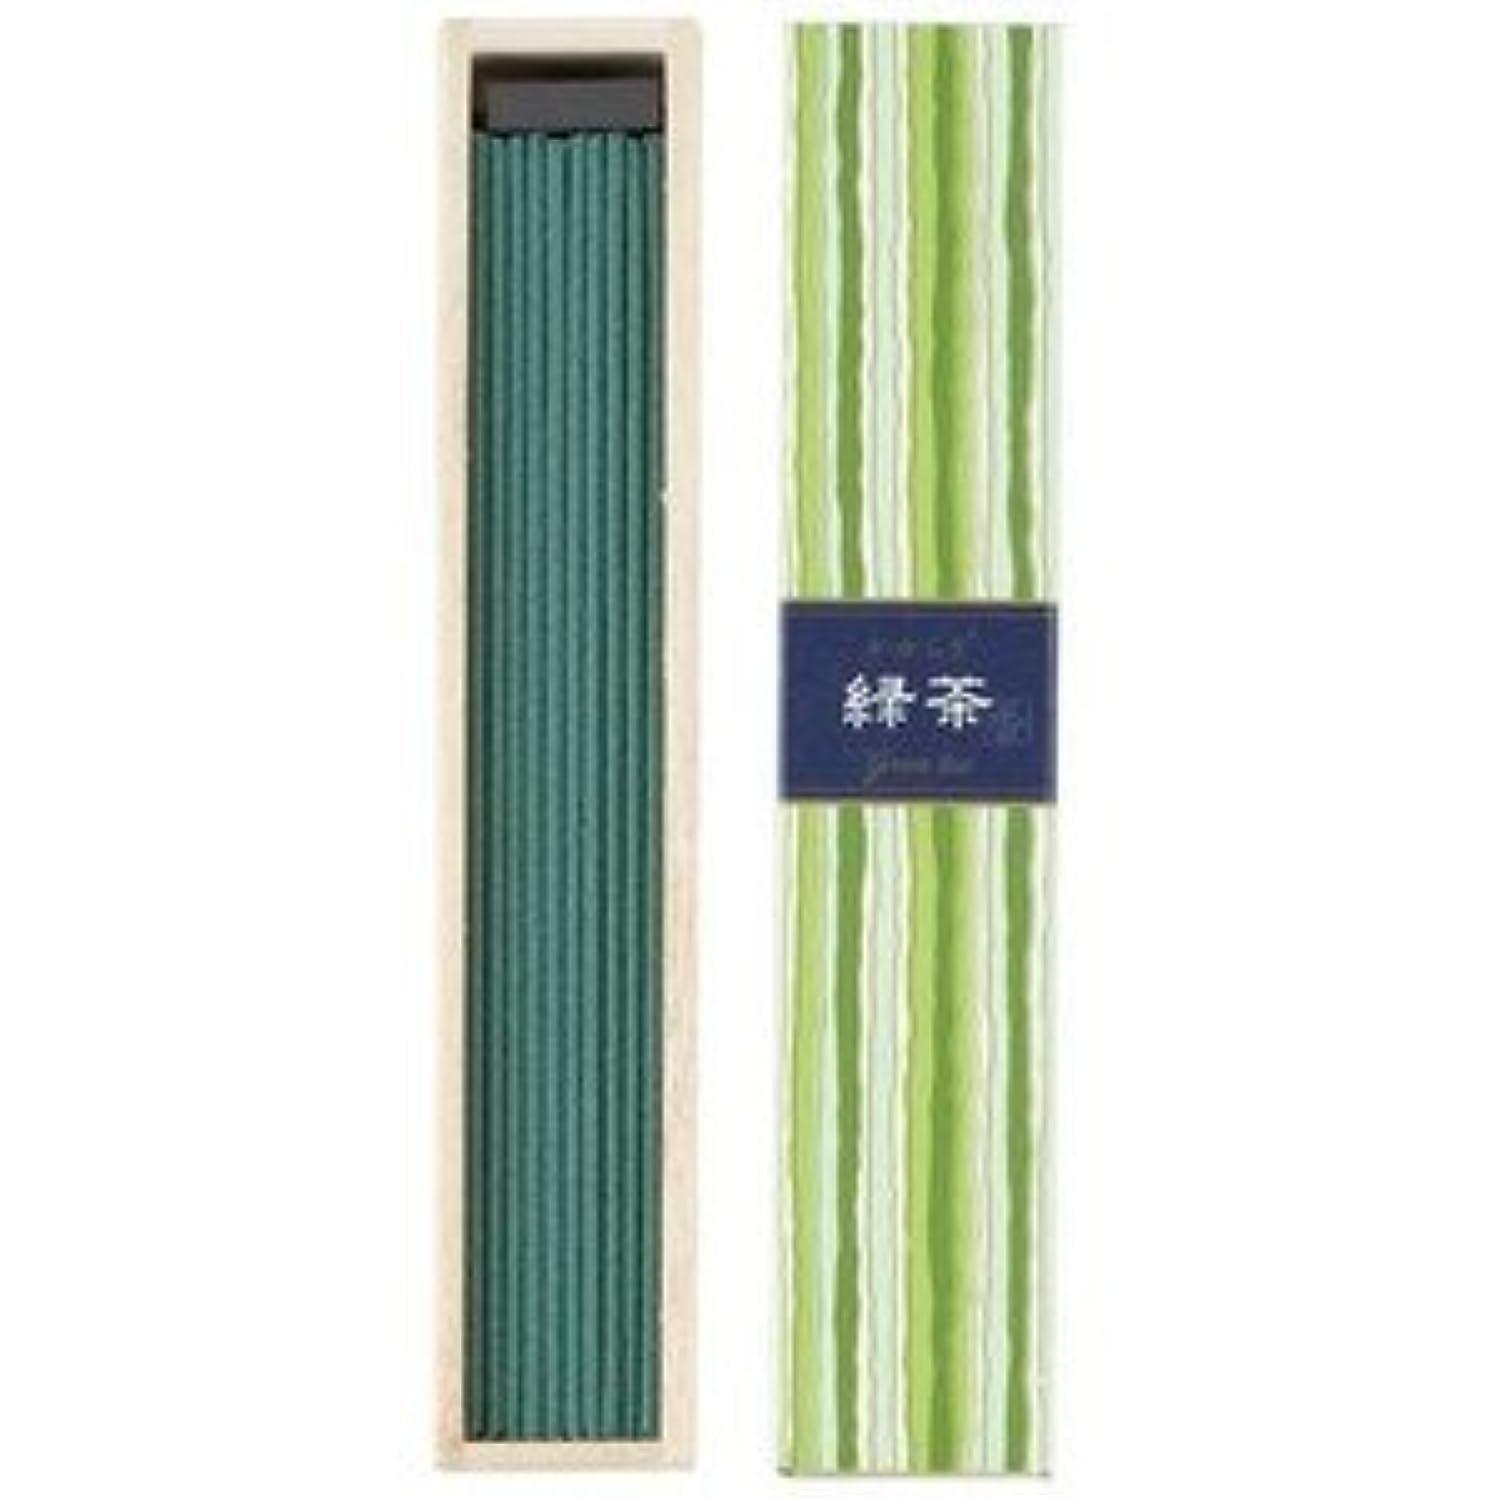 不毛受け皿モーション日本香堂 かゆらぎスティック 緑茶